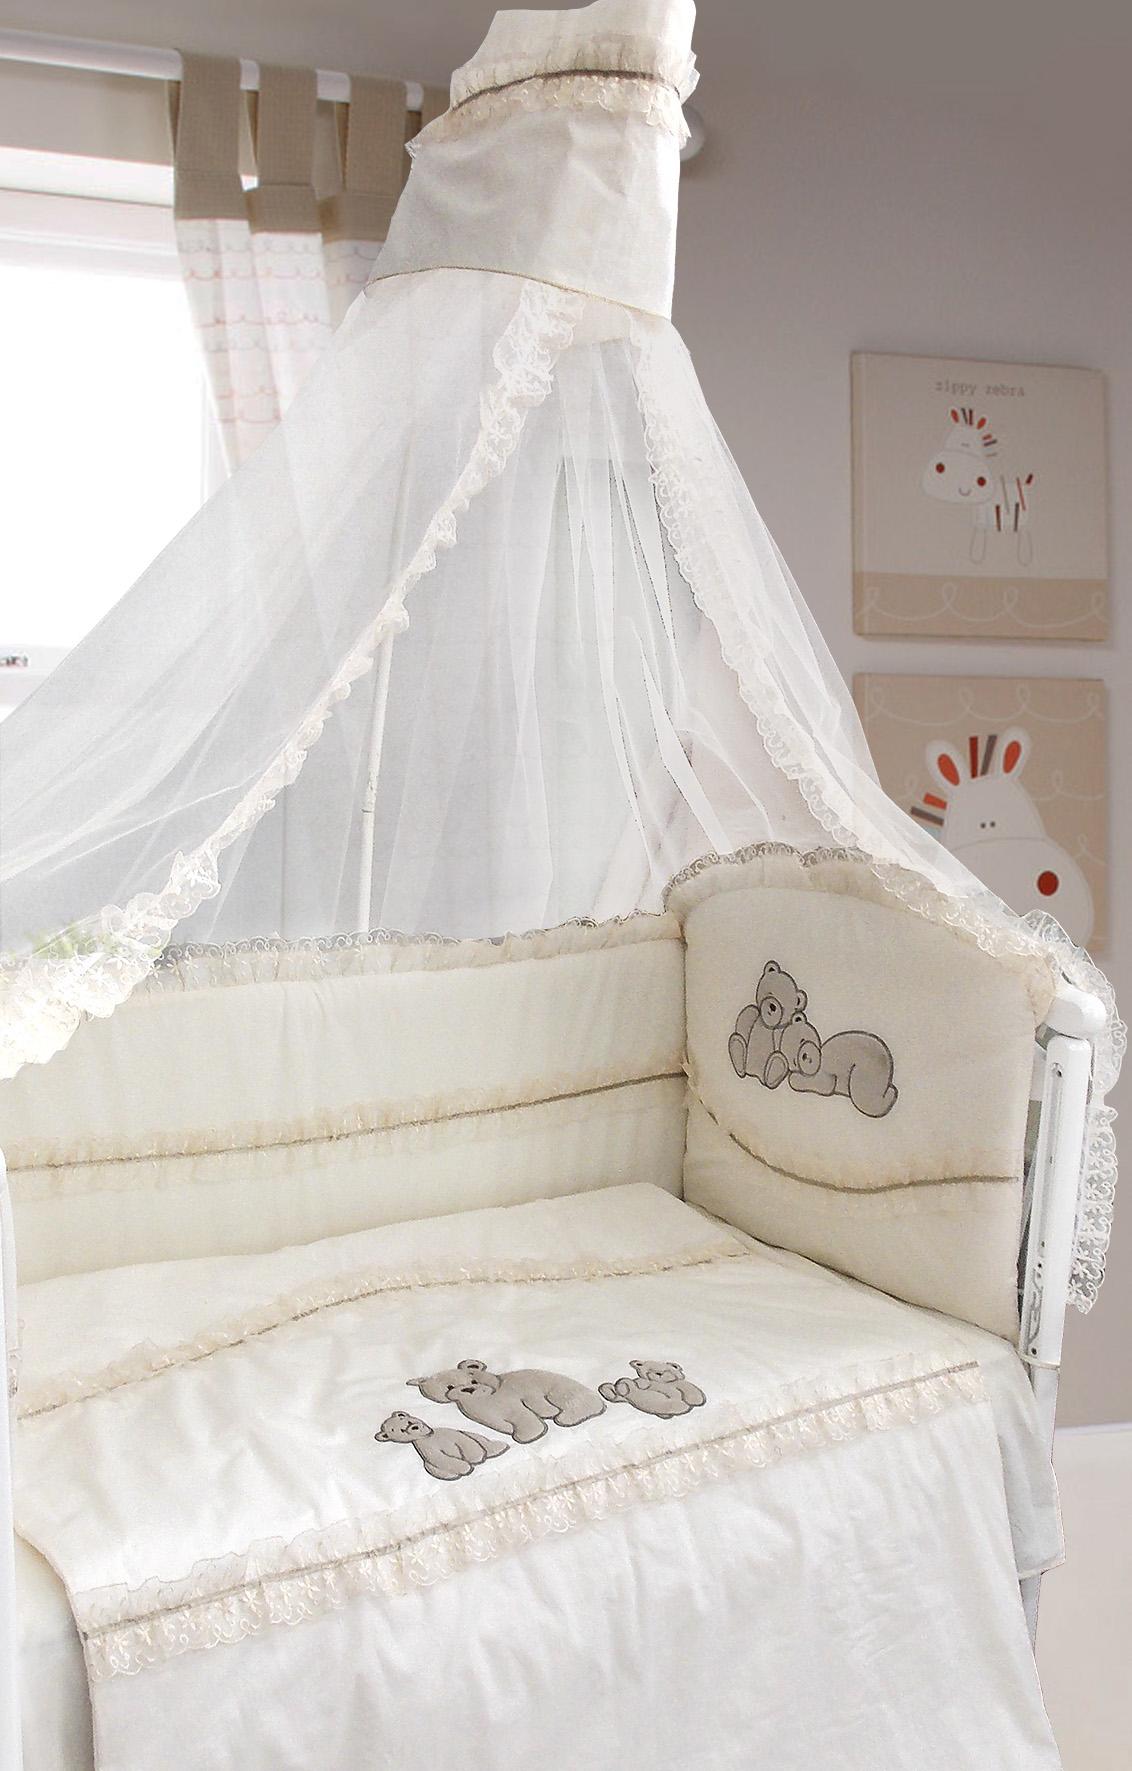 Комплект в кроватку - Медвежата, 7 предметовДетское постельное белье<br>Комплект в кроватку - Медвежата, 7 предметов<br>